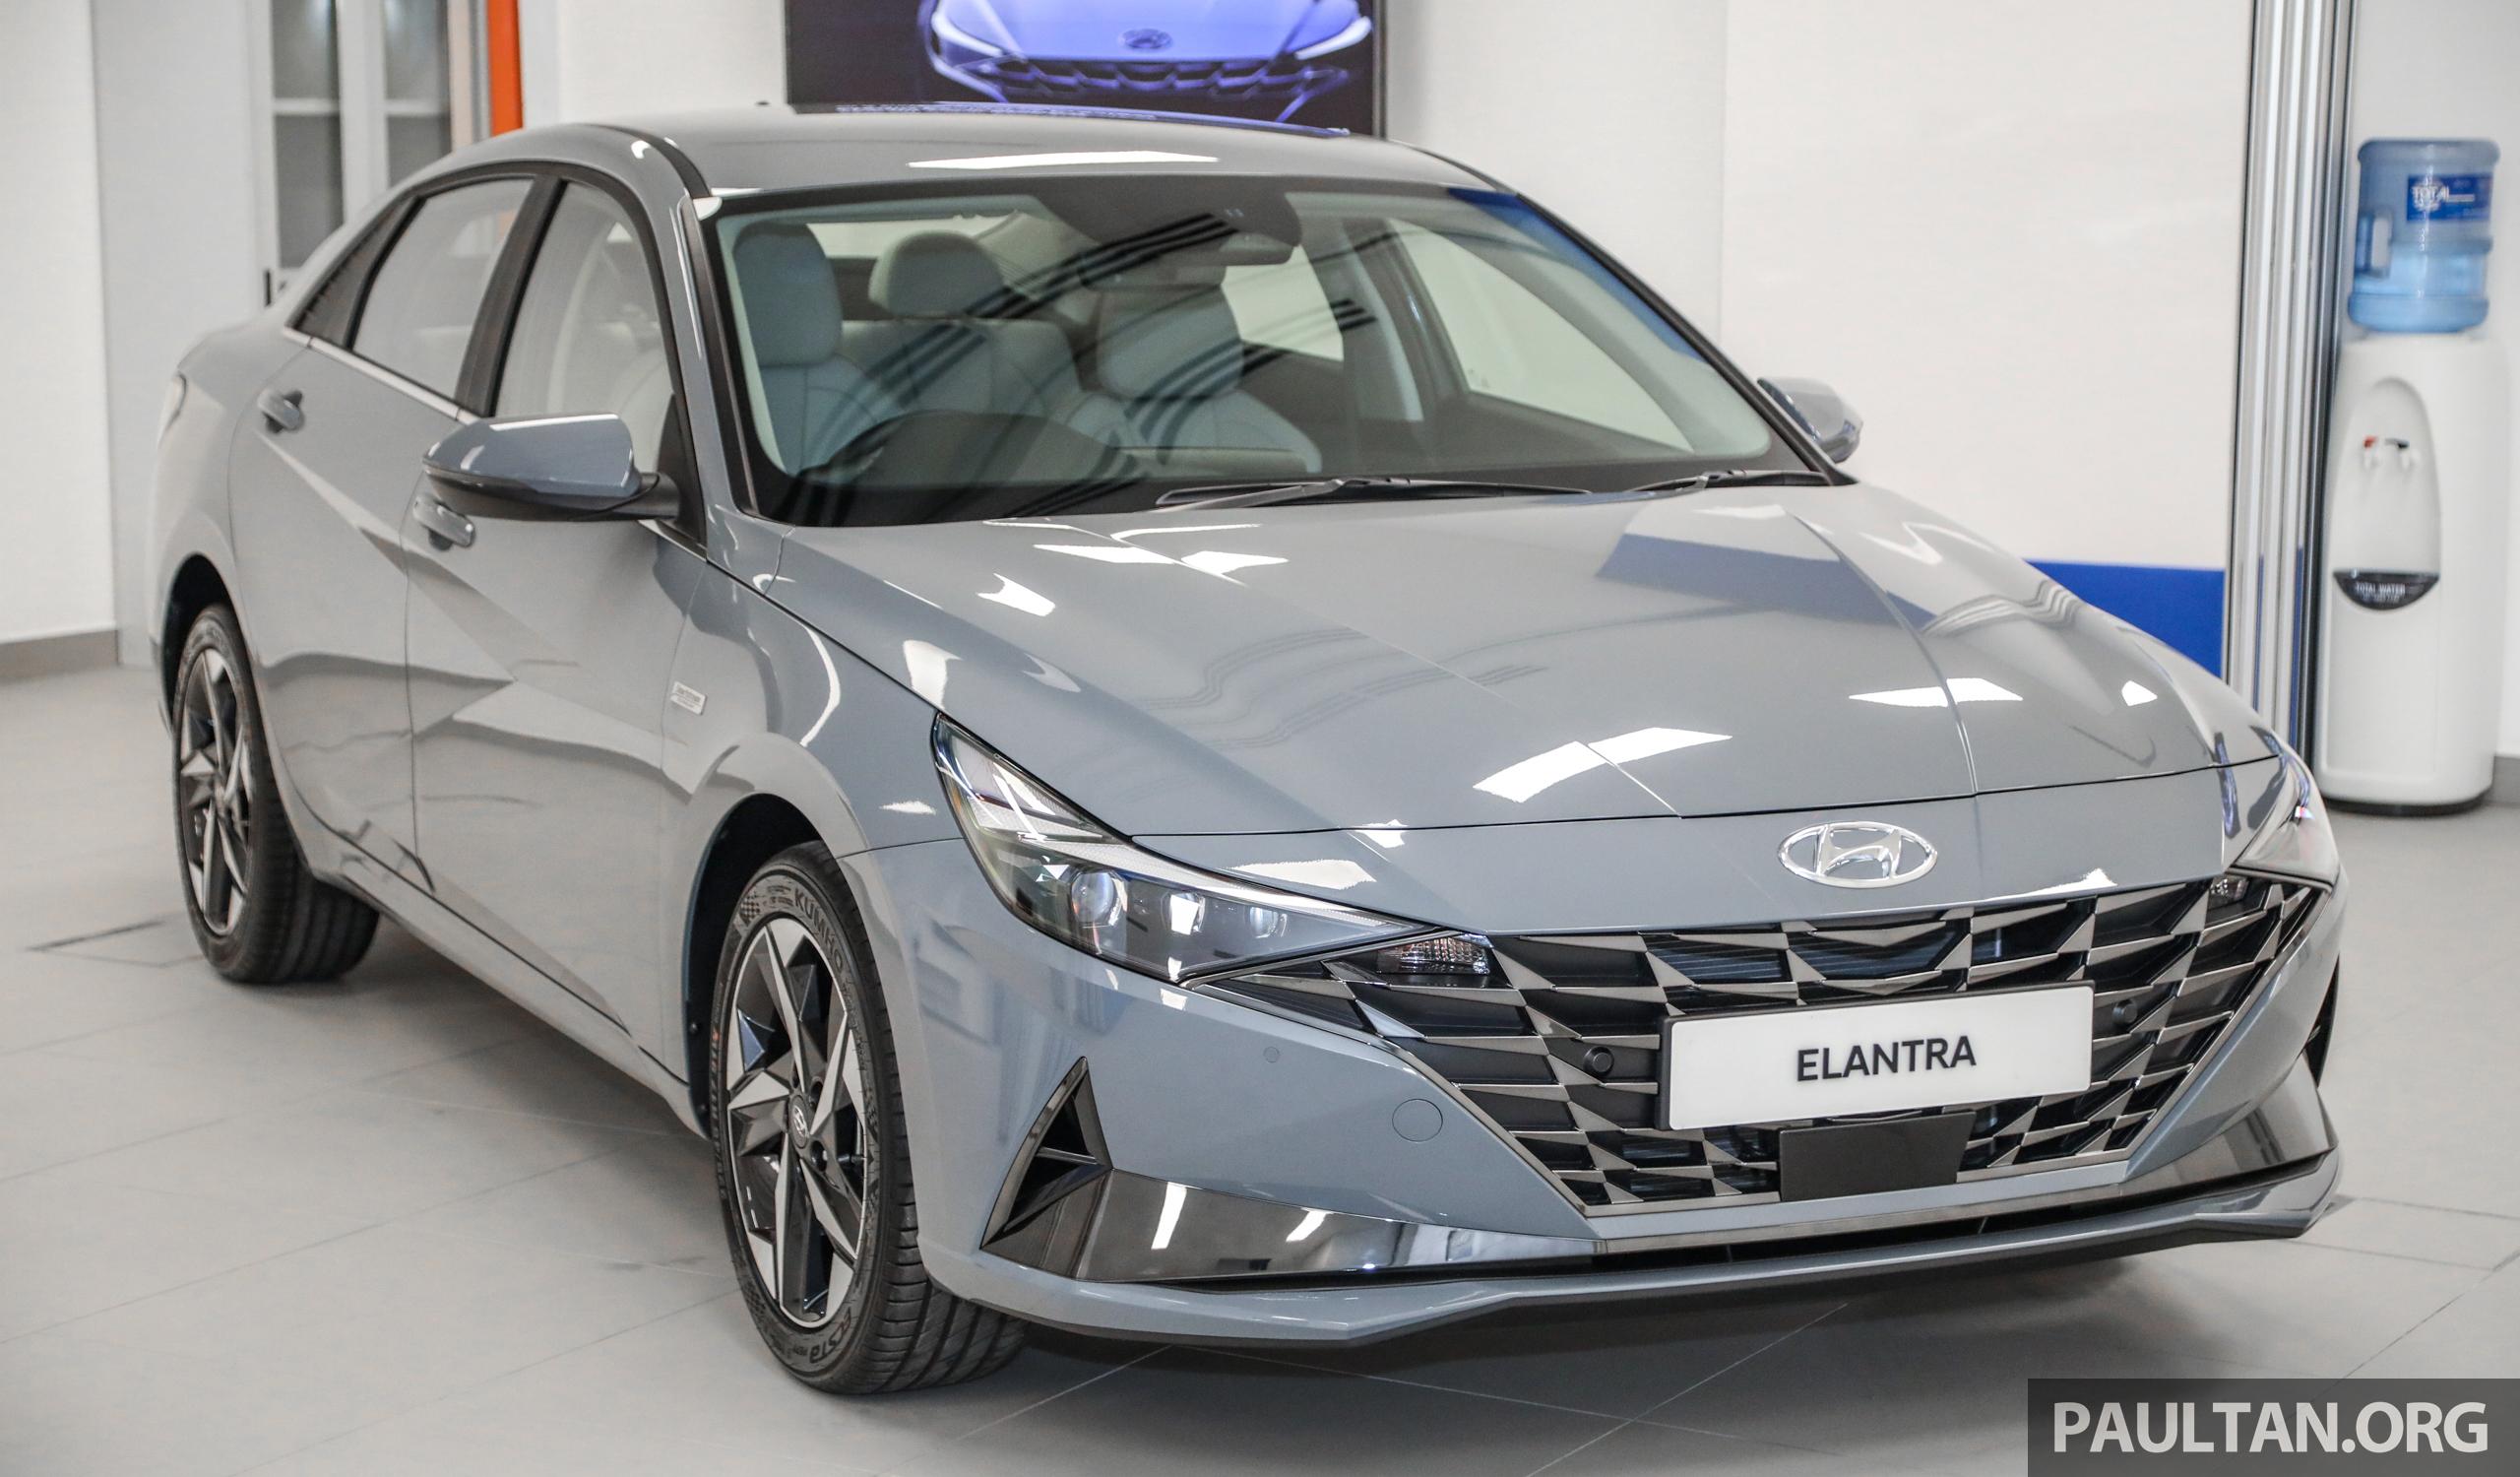 Cận cảnh Hyundai Elantra 2021 sắp ra mắt tại Malaysia, chờ ngày về Việt Nam